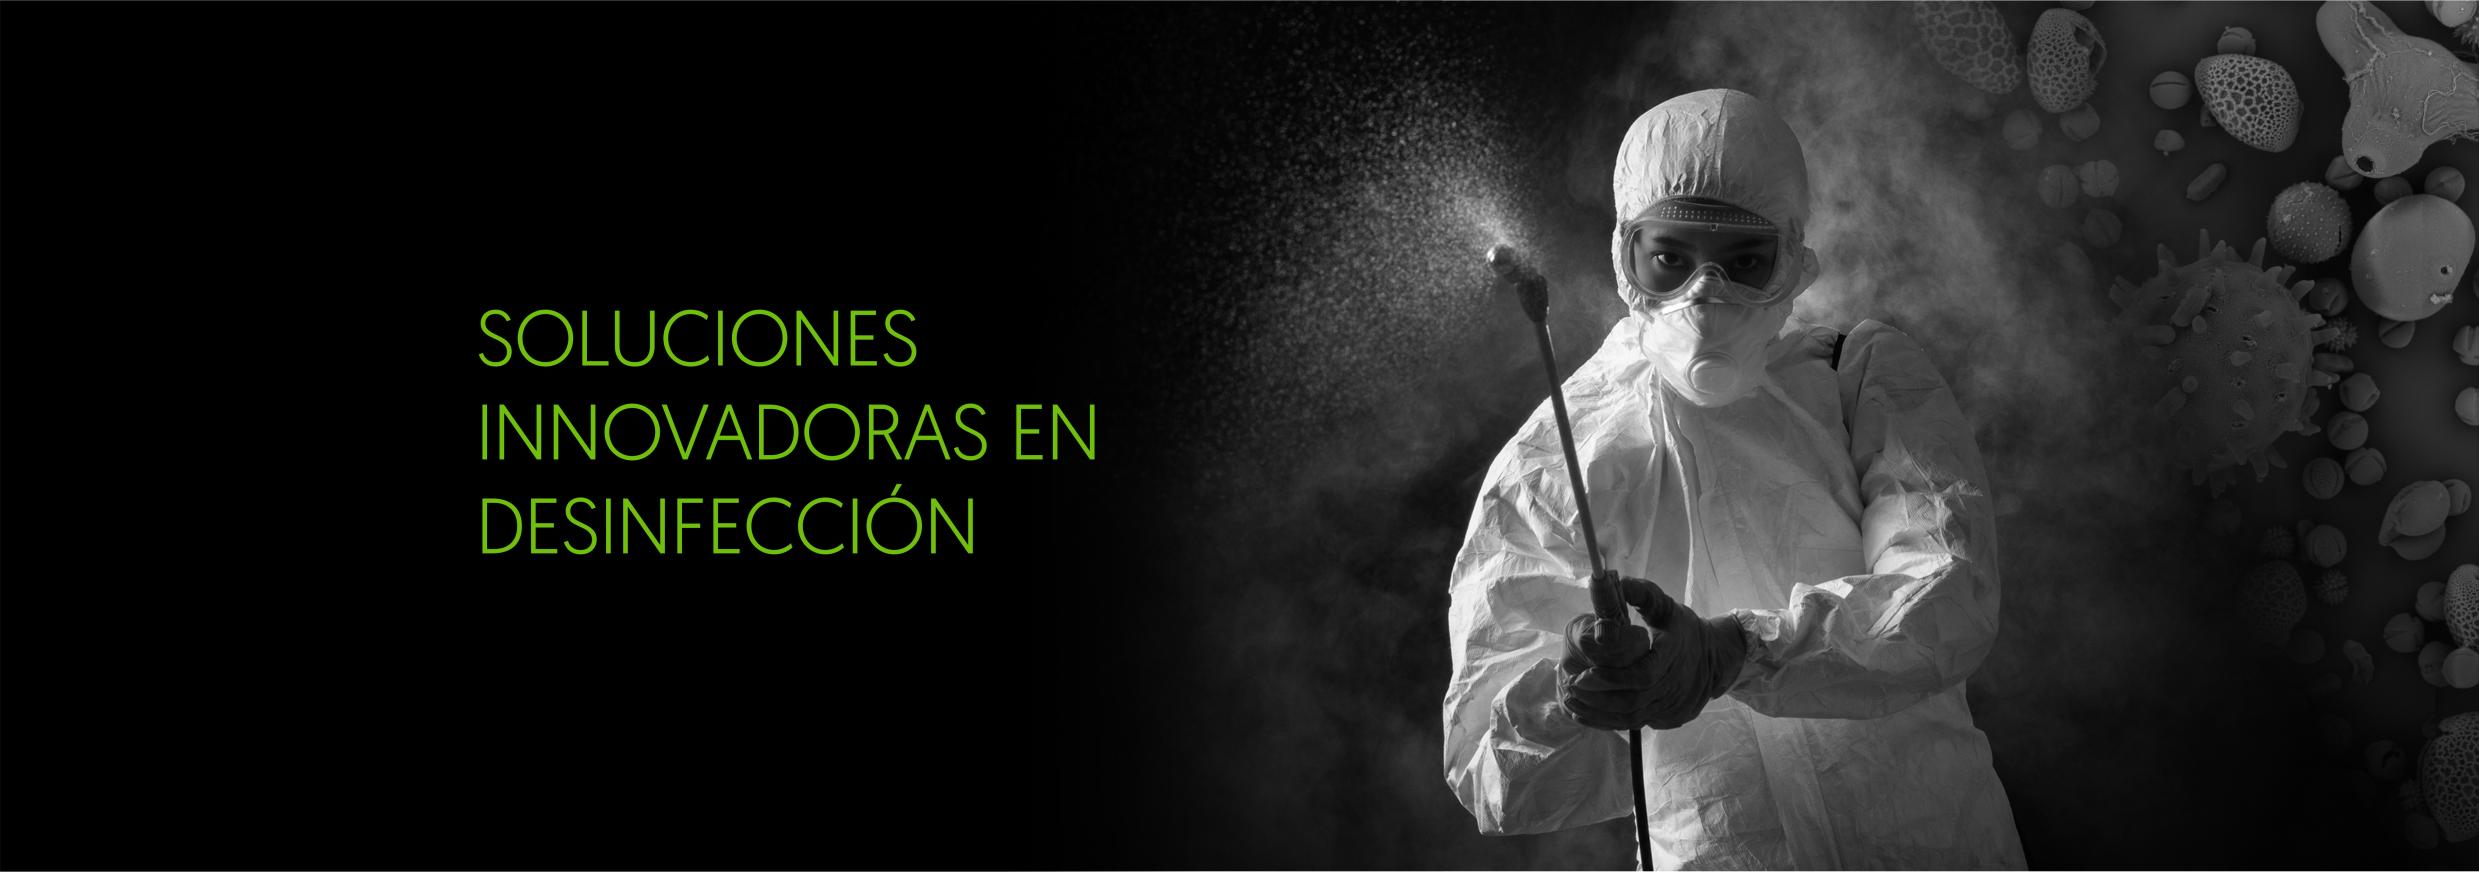 COVIX MAQUINAS DE DESINFECCIÓN, GENERADORES DE OZONO Y NEBULIZADORES